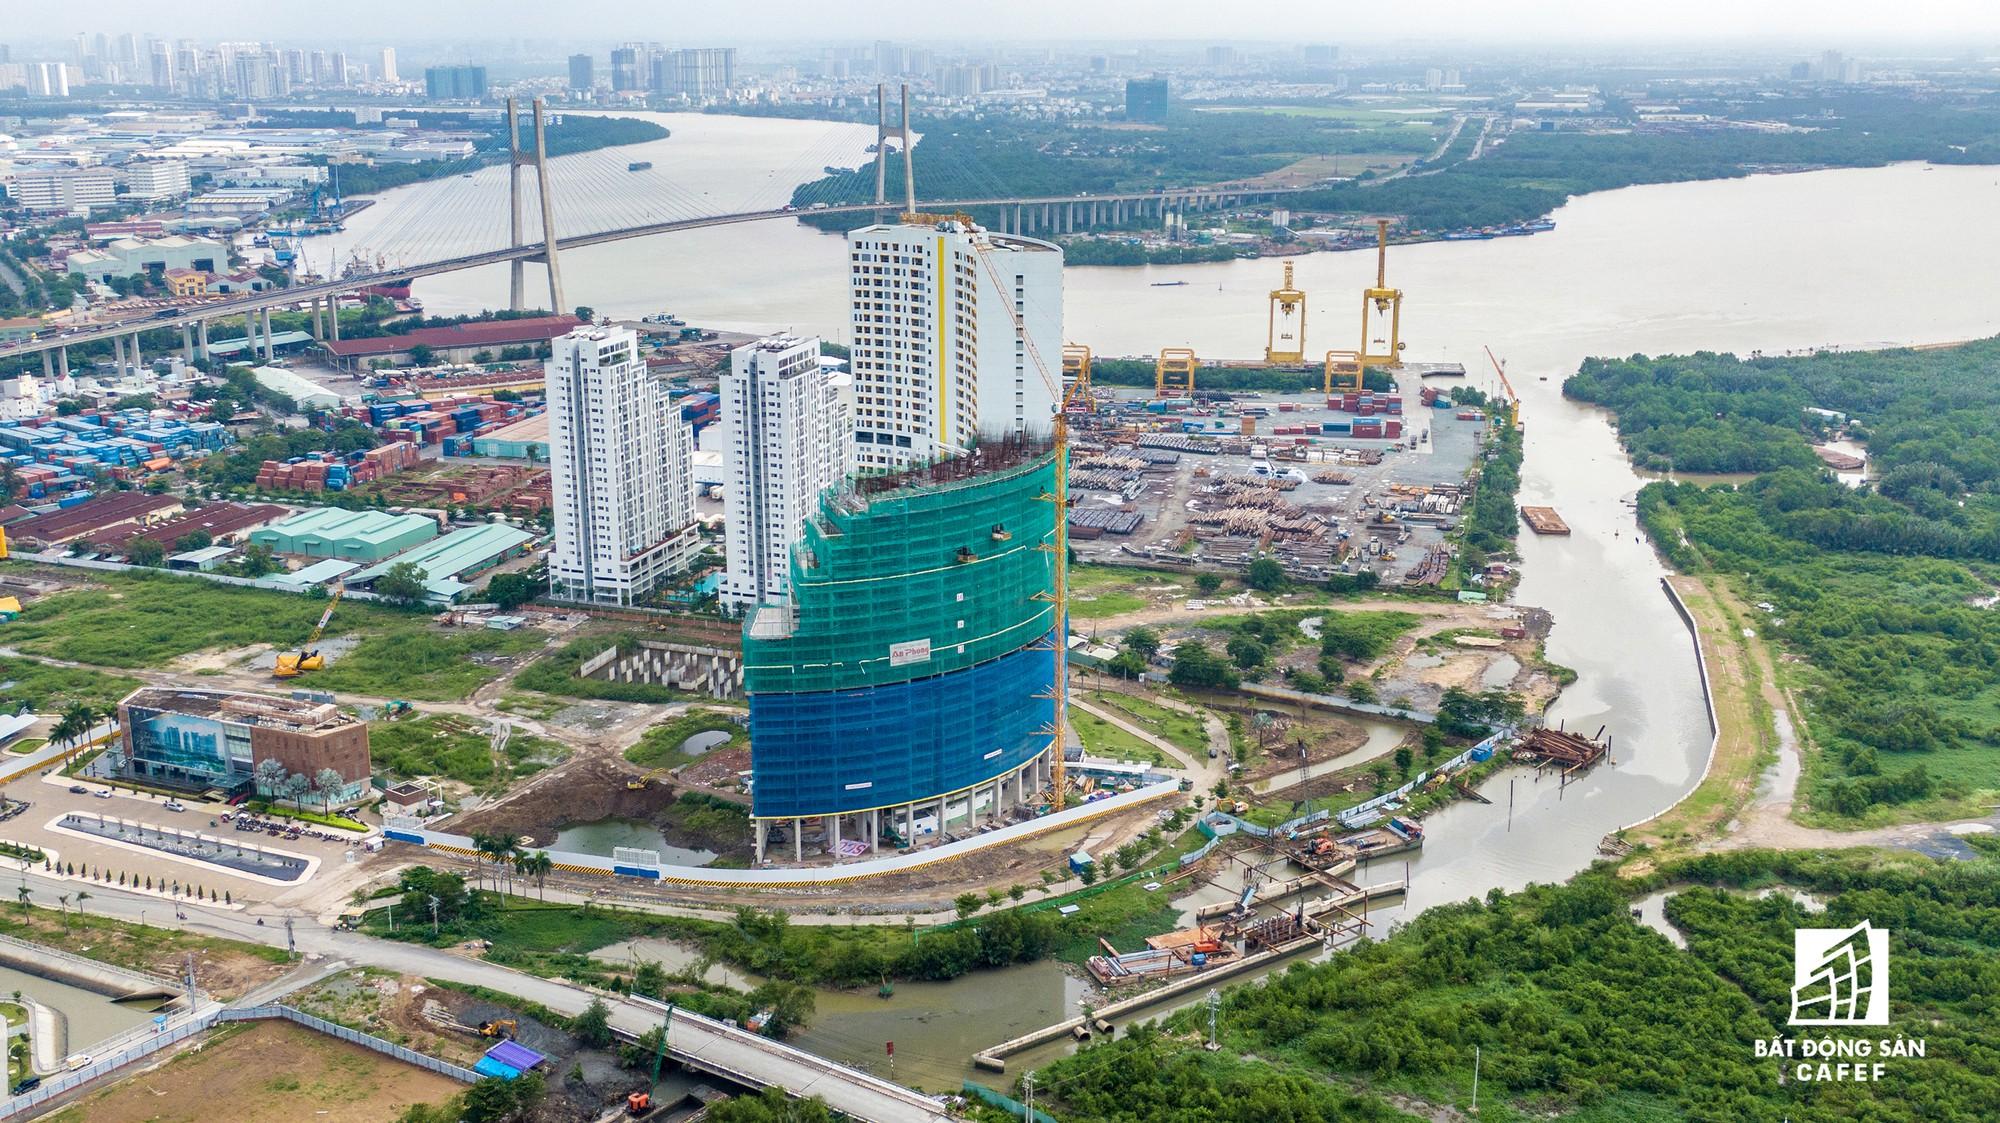 Diện mạo hai bờ sông Sài Gòn tương lai nhìn từ loạt siêu dự án tỷ đô, khu vực trung tâm giá nhà lên hơn 1 tỷ đồng/m2 - Ảnh 18.